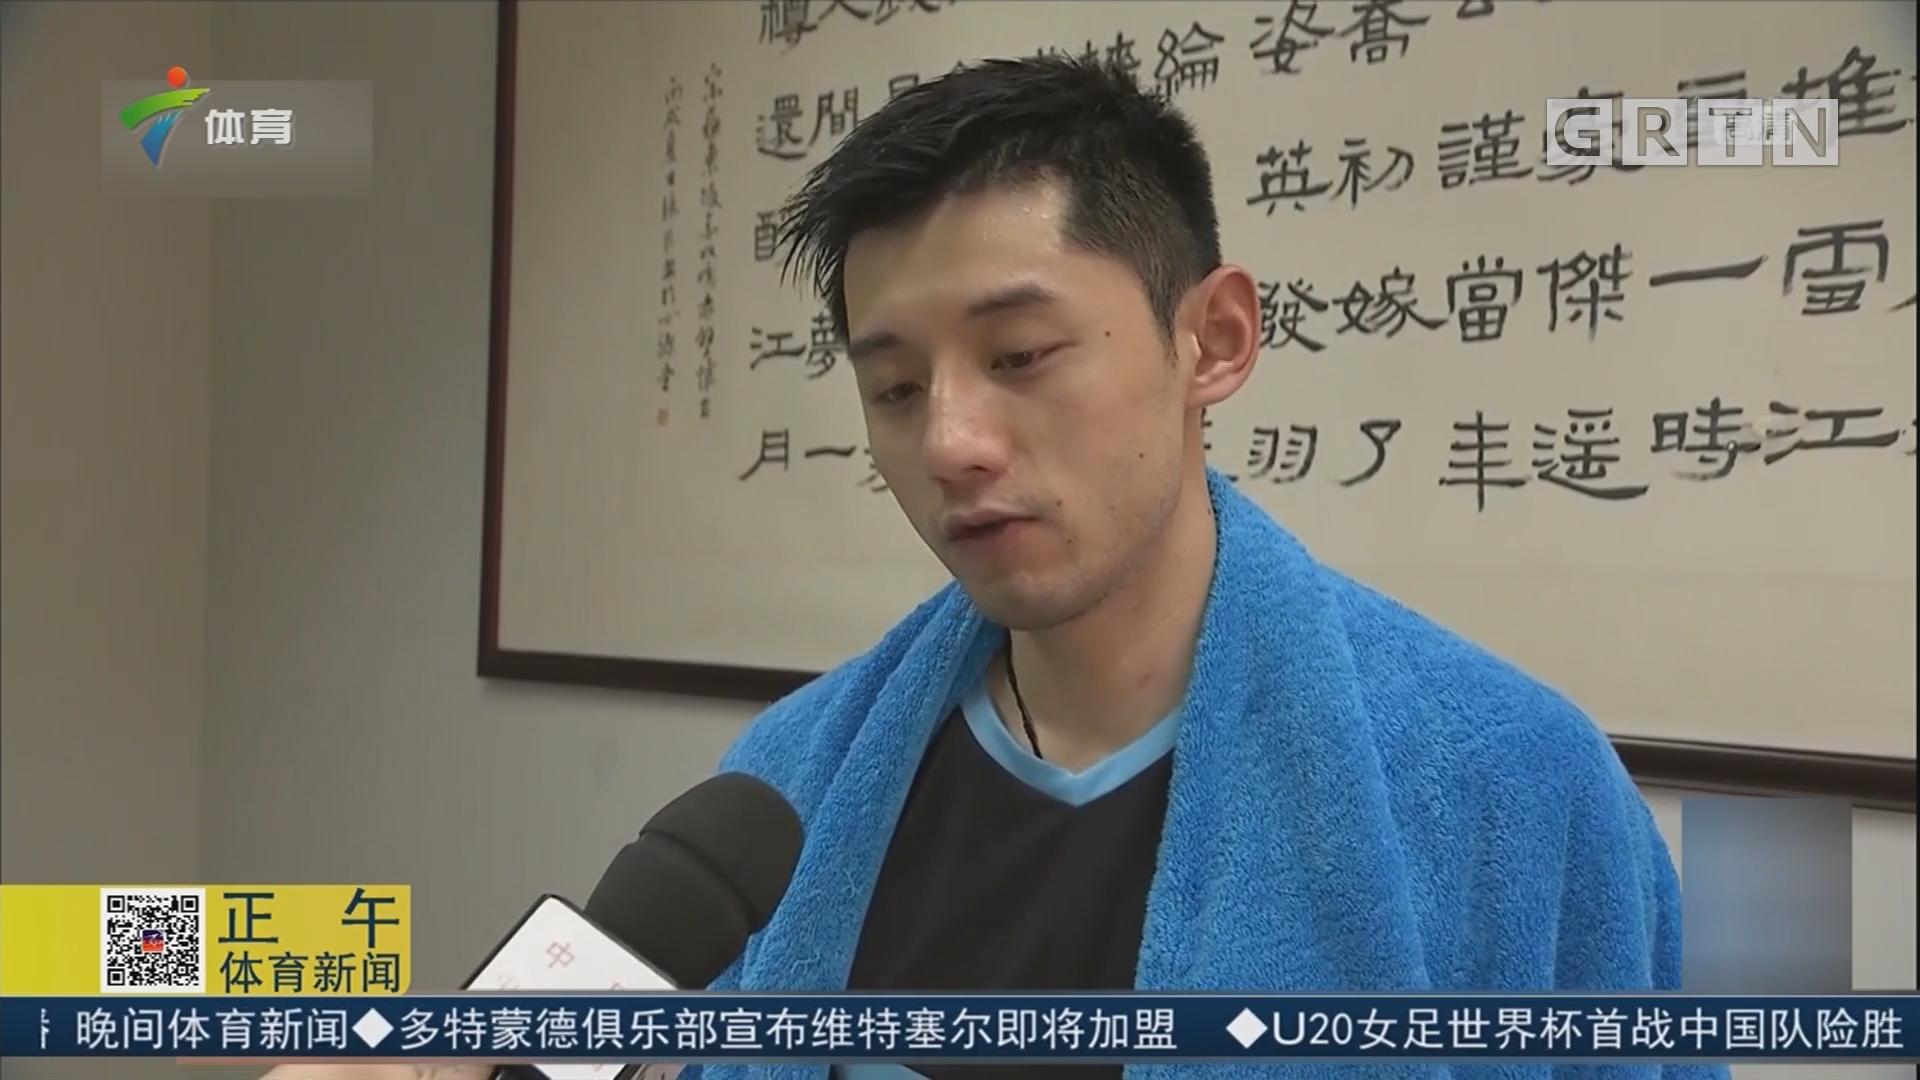 张继科:退赛无关腰伤 国际乒联有失公平